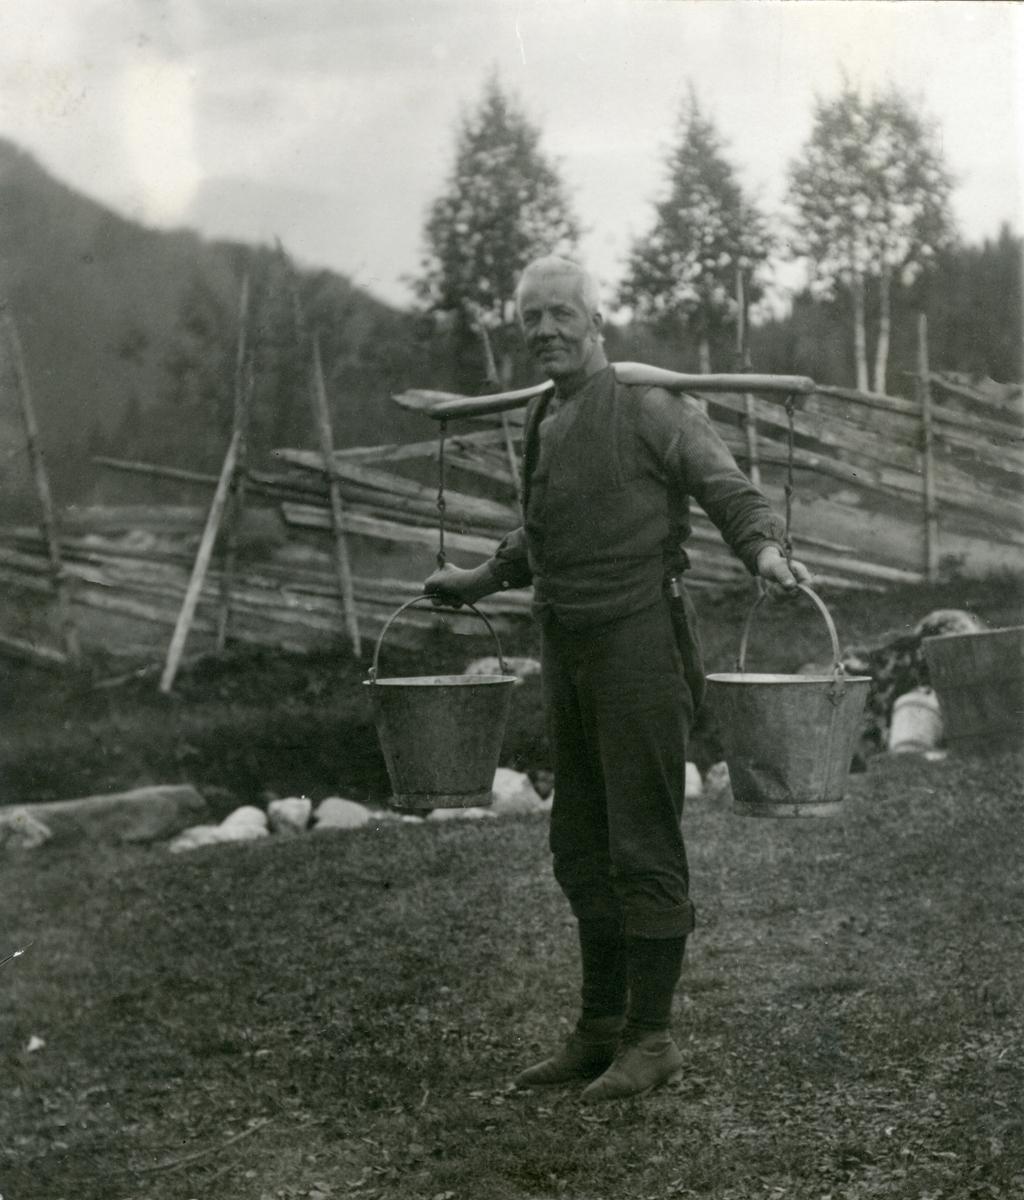 Knut Knutsen ber vatn.